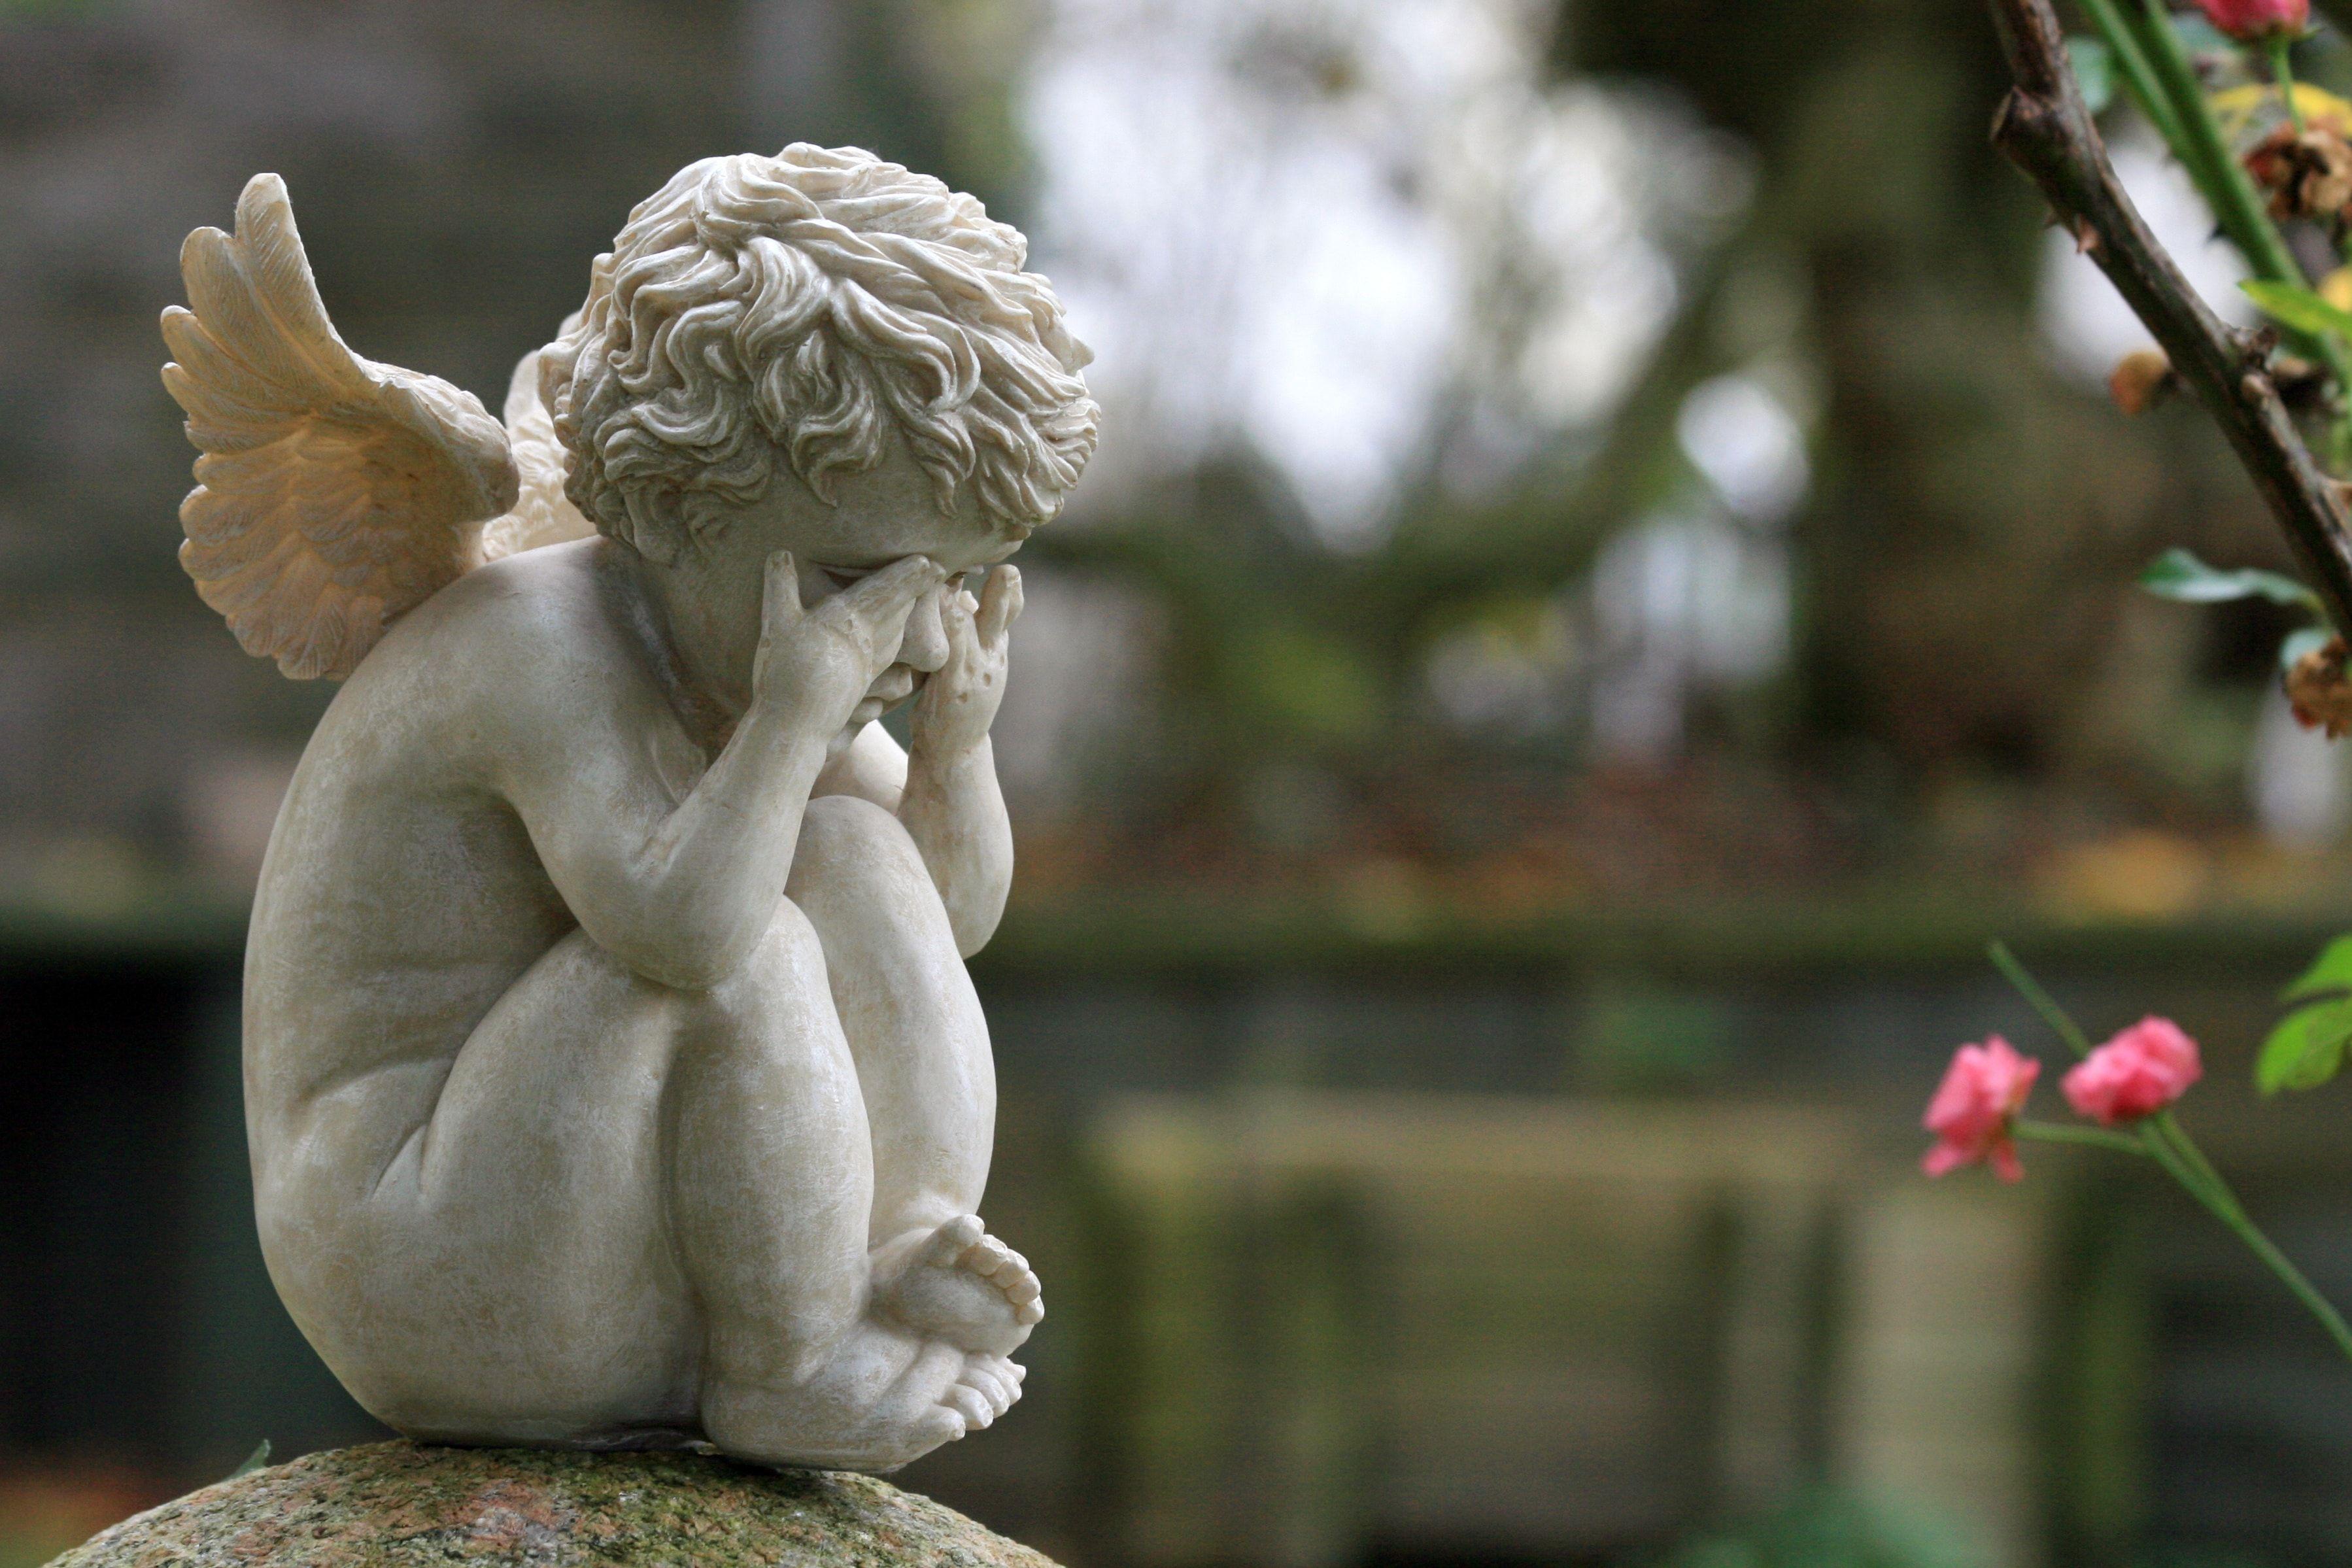 Tot aufgefundener Säugling in Landshut lebte bei Geburt noch